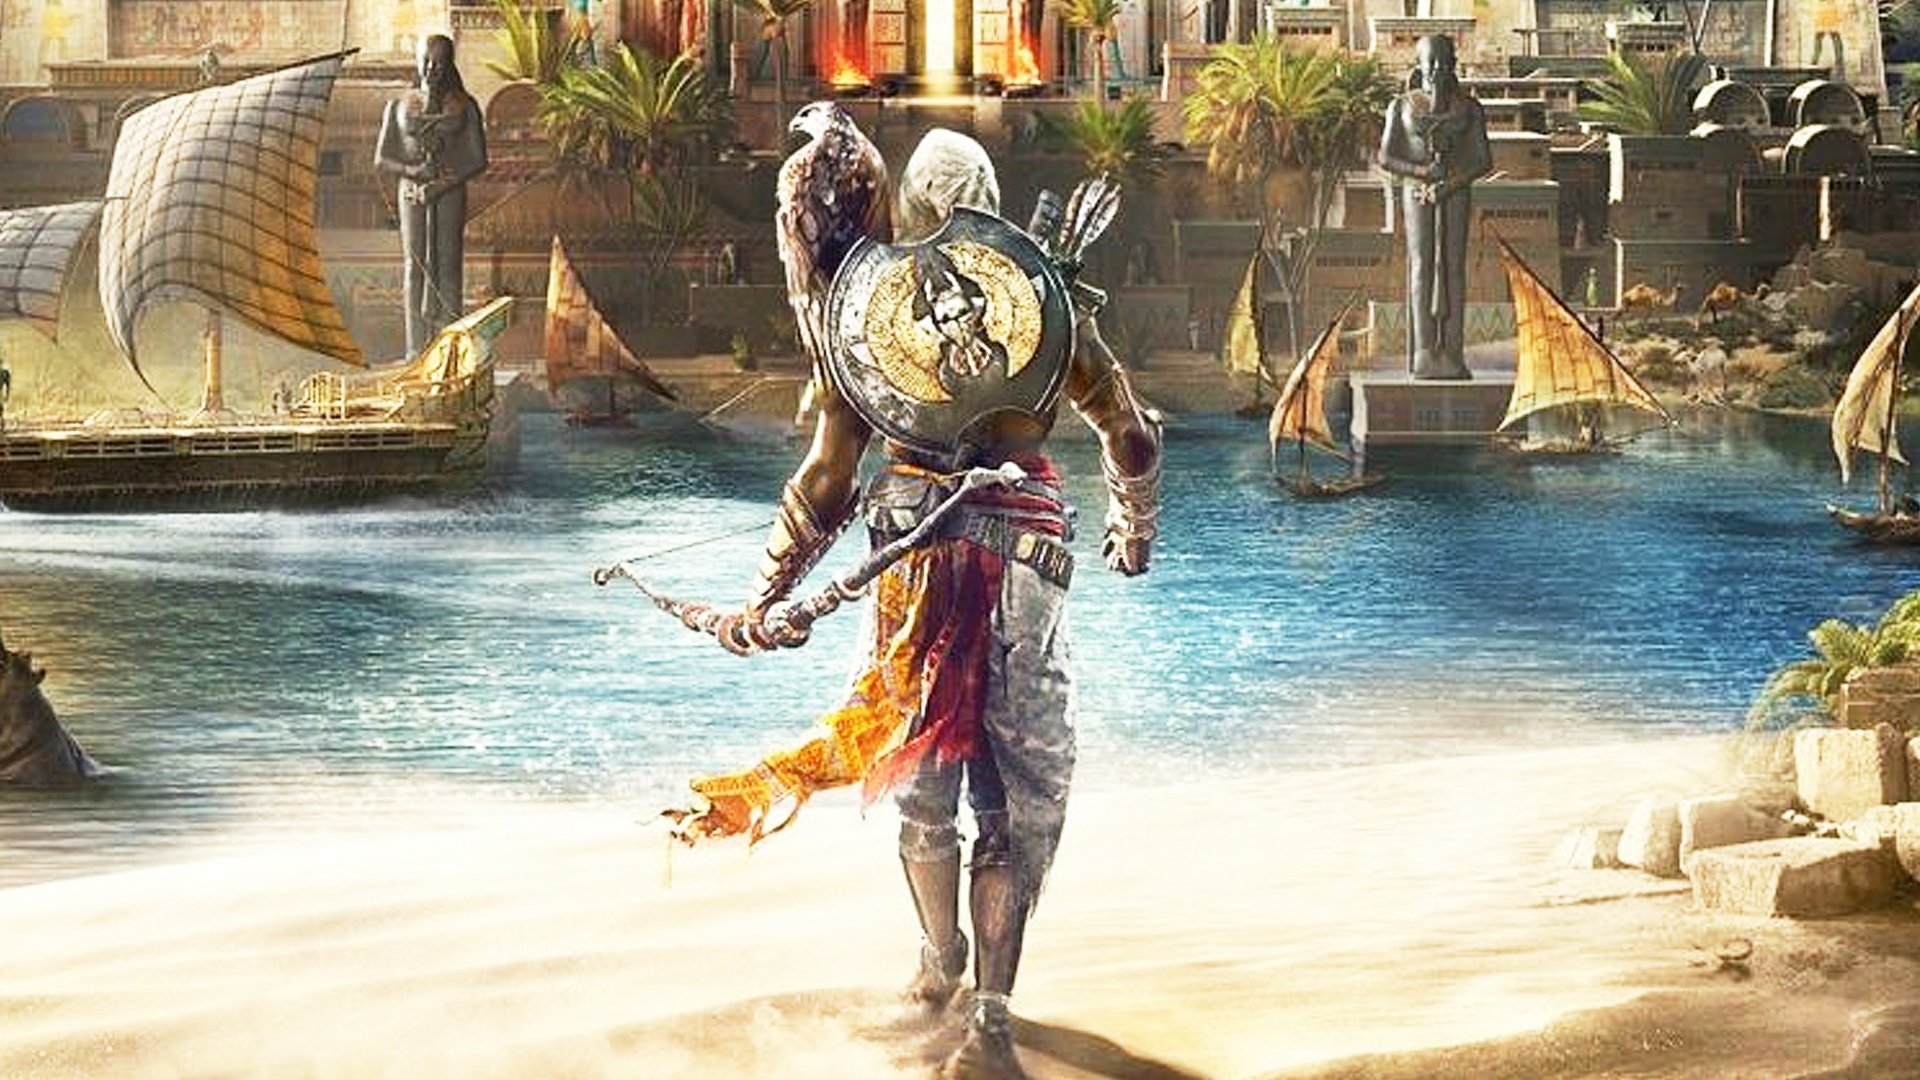 Diablo Wallpaper Hd Assassin S Creed Origins Im Test Die Perfektion Einer